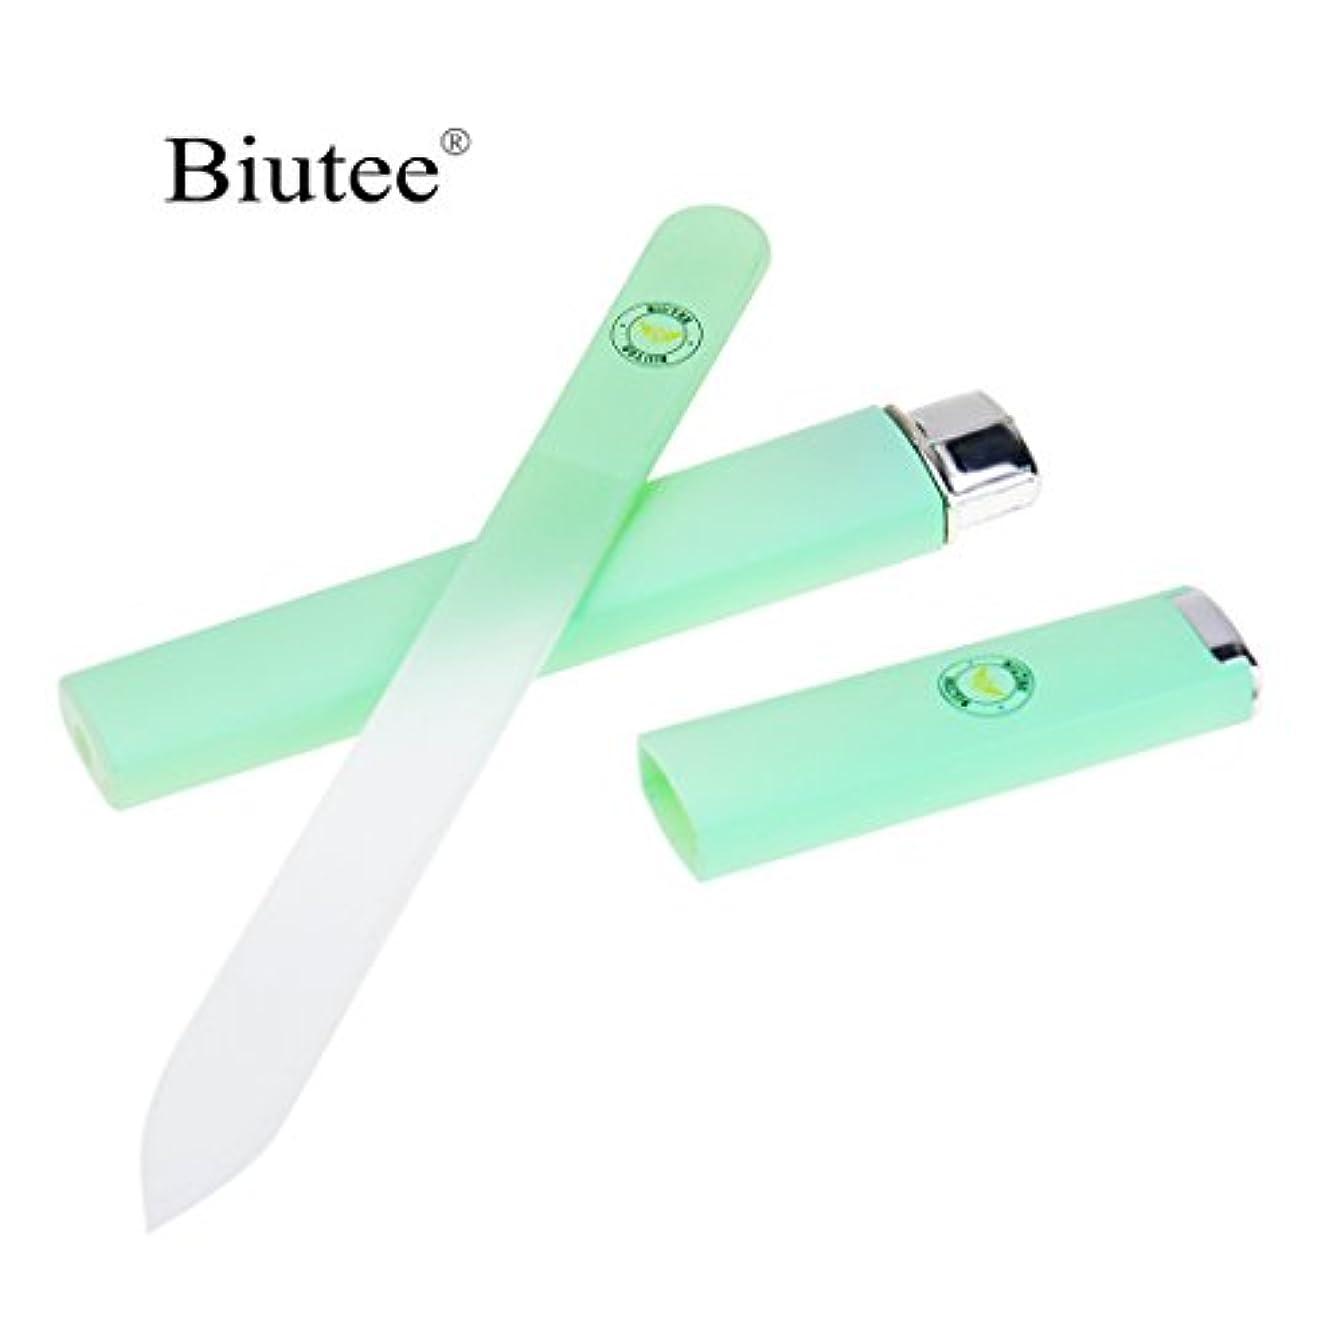 理論しわ運賃Biutee 高品質爪やすり 特殊ガラス製爪ヤスリ 高品質なケース 付き ネイルケア クリスタル爪磨き 爪ヤスリ (両面)ネイルファイル (グリーン)